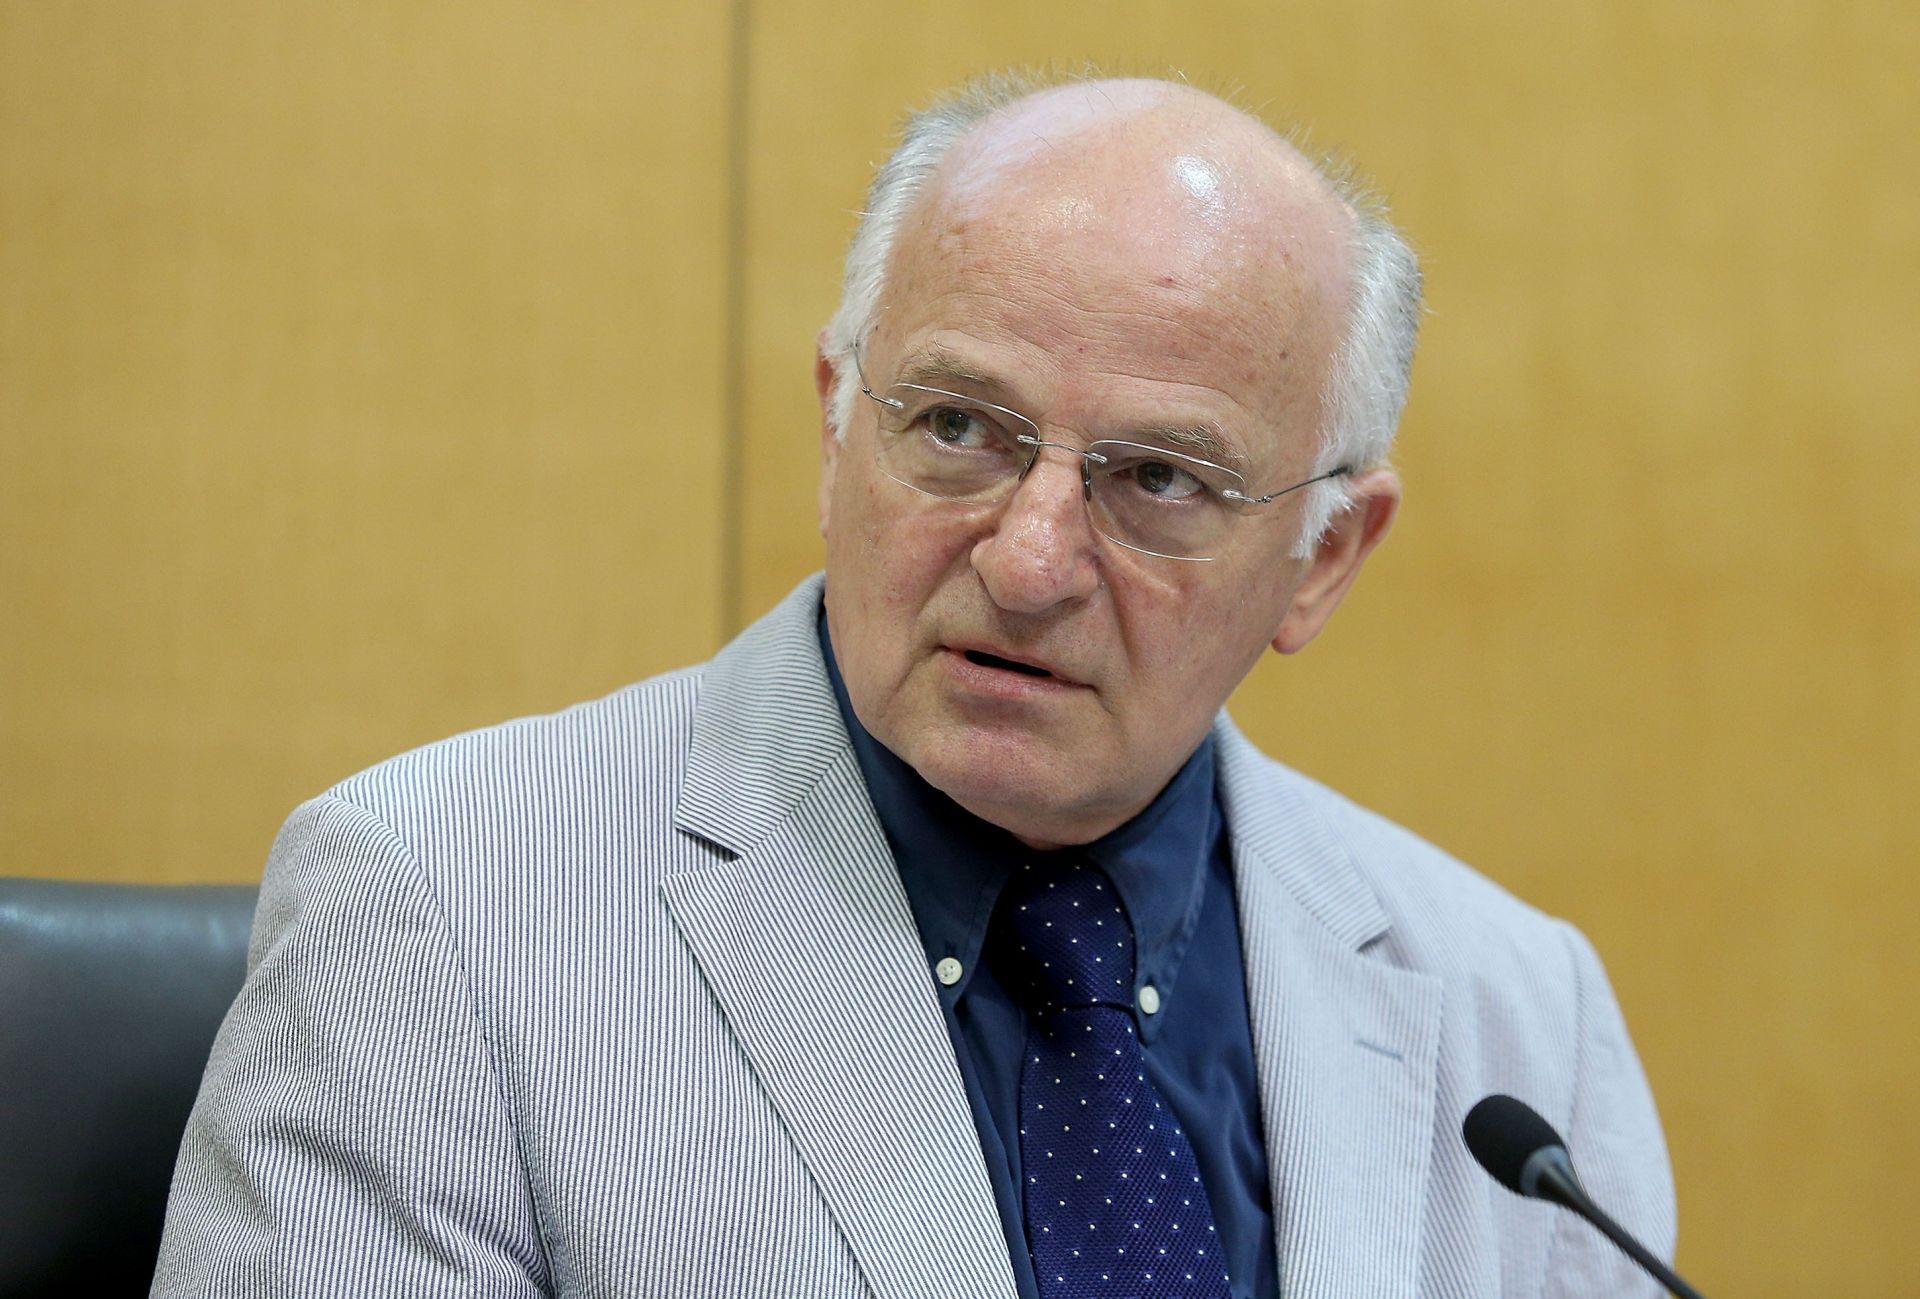 Leko: Neizbor ustavnih sudaca opomena je da se mora surađivati